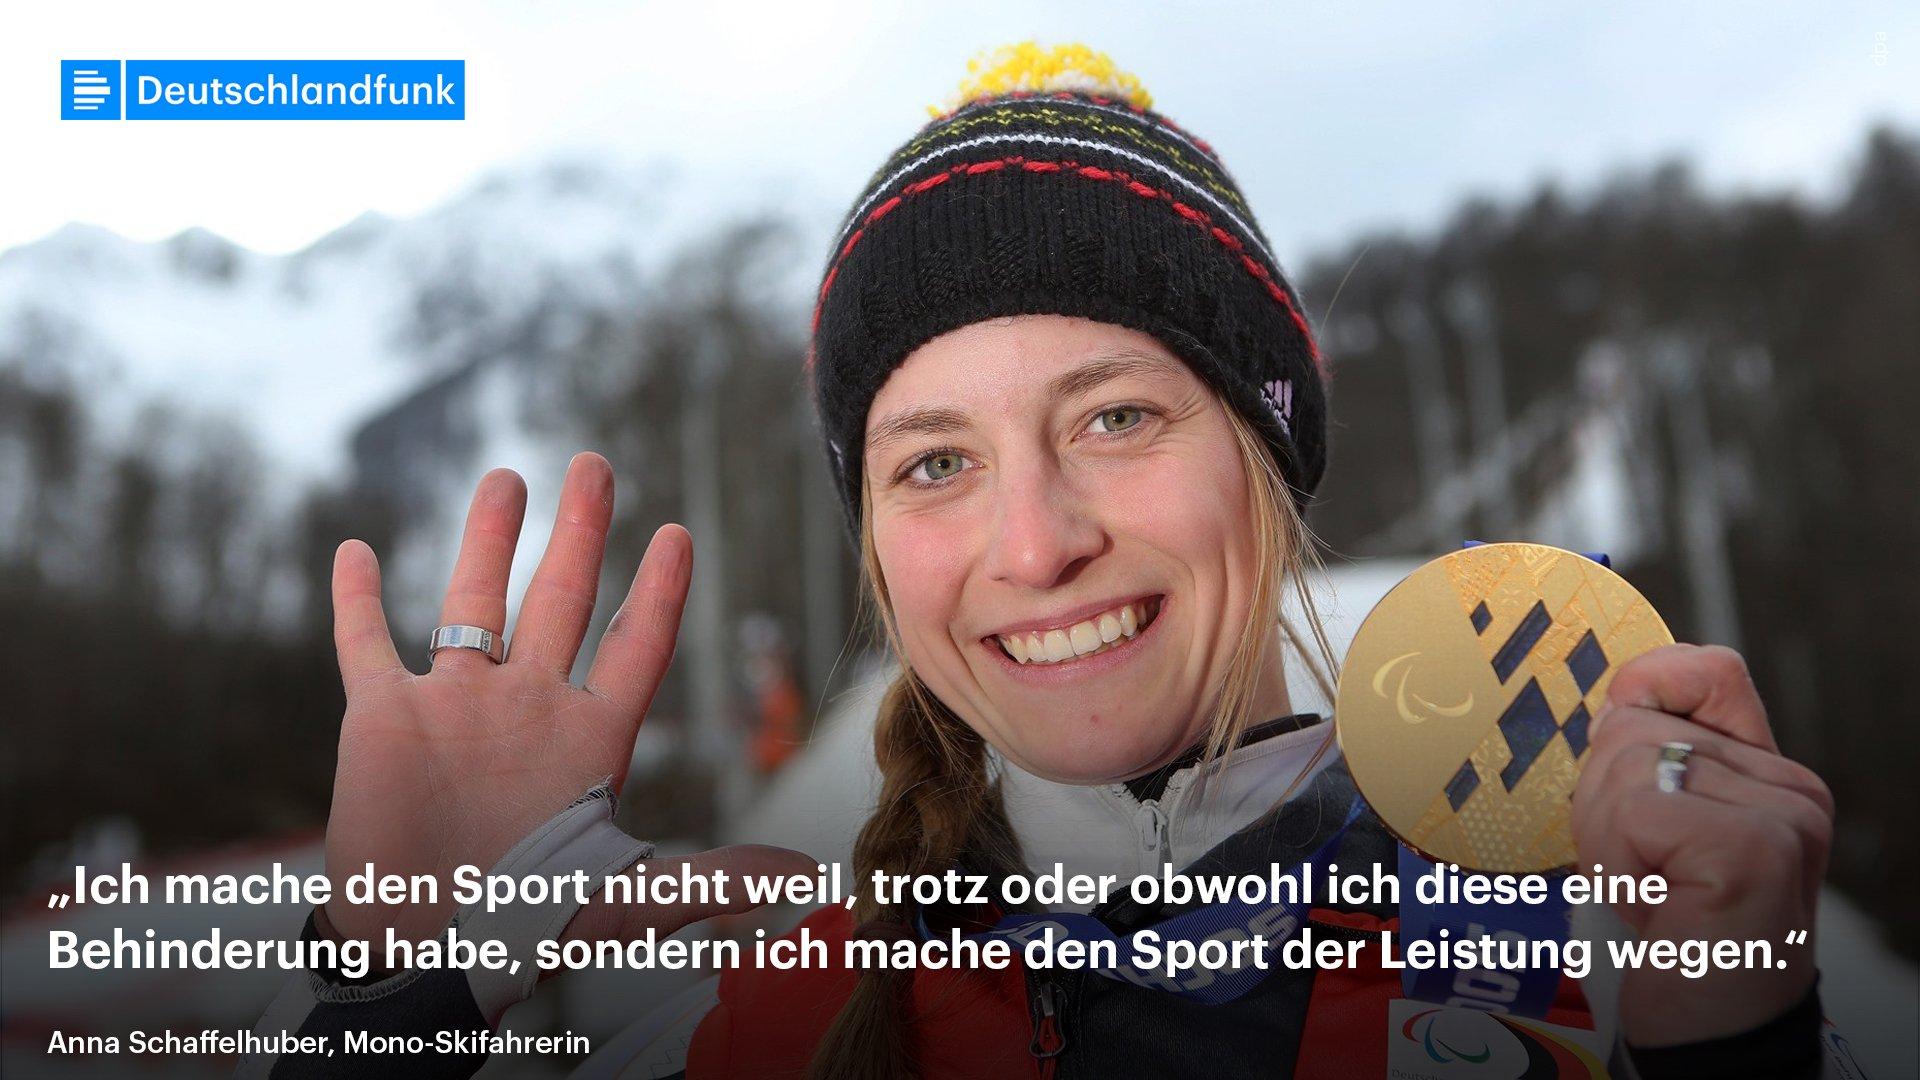 """Anna Schaffelhuber winkt lächelnd in die Kamera. In der anderen Hand hält sie ihre Goldmedaille. Im Hintergrund sind Schneeberge Südkoreas zu sehen. Dazu ein Zitat von ihr: """"Ich mache den Sport nicht weil, trotz oder obwohl ich diese eine Behinderung habe, sondern ich mache den Sport der Leistung wegen."""""""